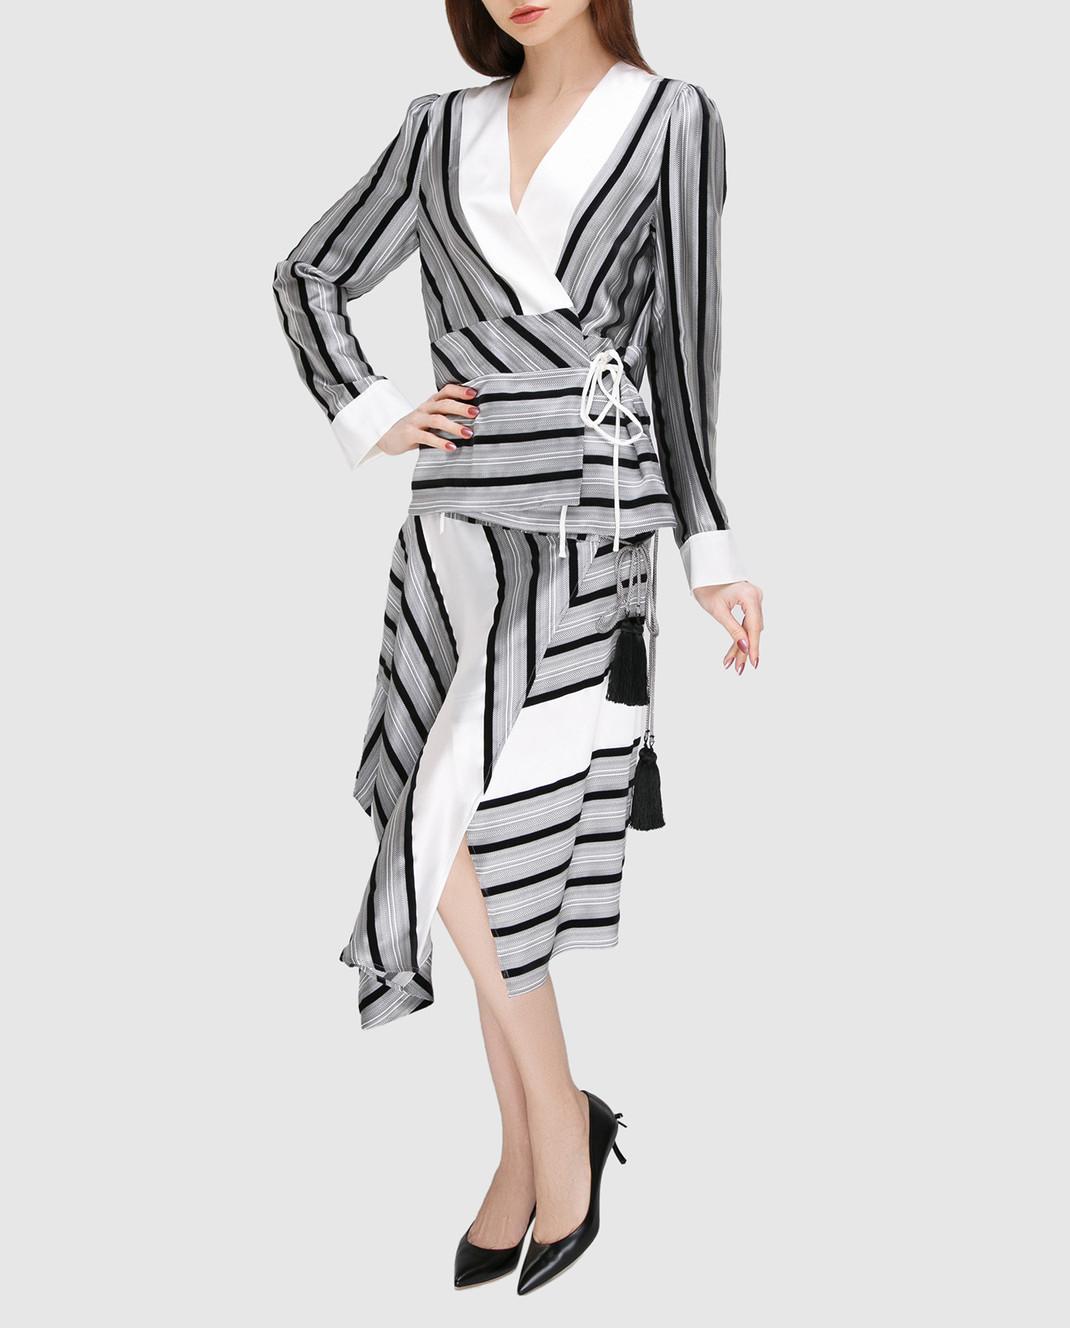 Etro Серая блуза из шелка D16097 изображение 2